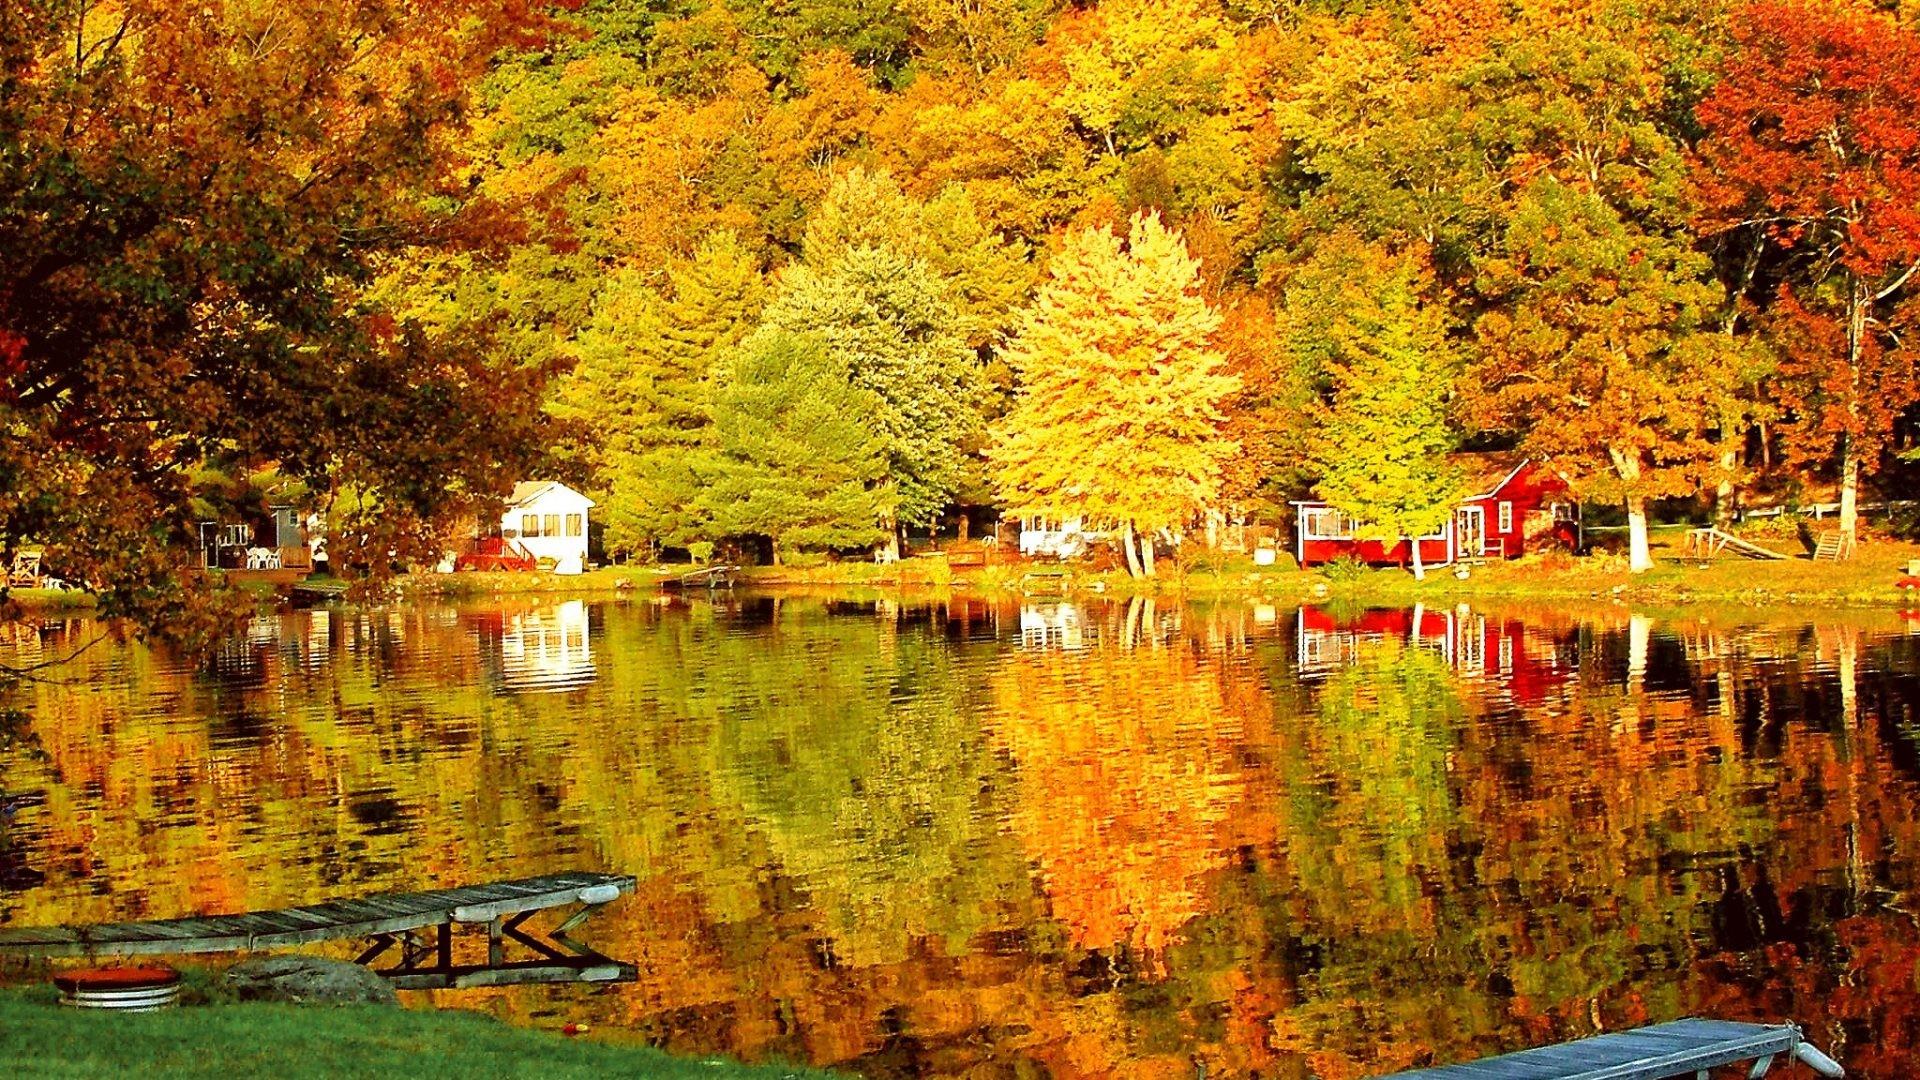 Autumn Scenes Wallpaper ·① WallpaperTag